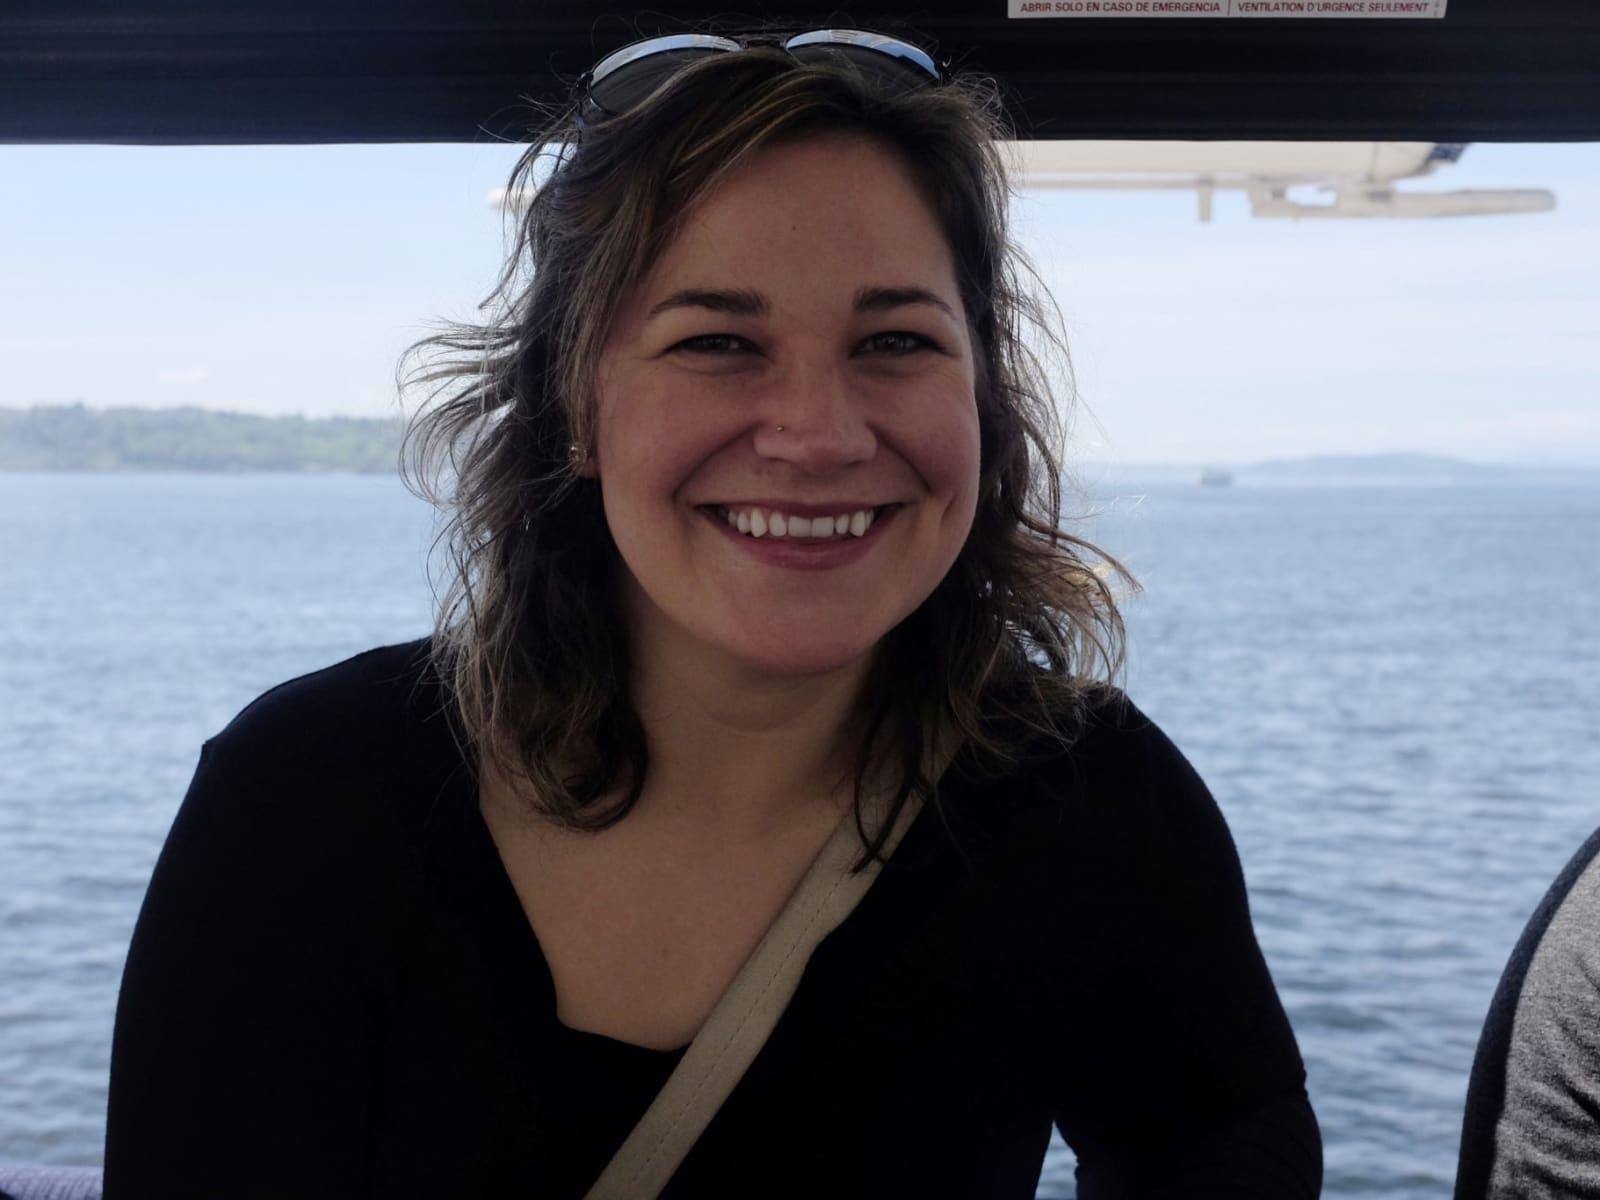 Alisa from Seattle, Washington, United States